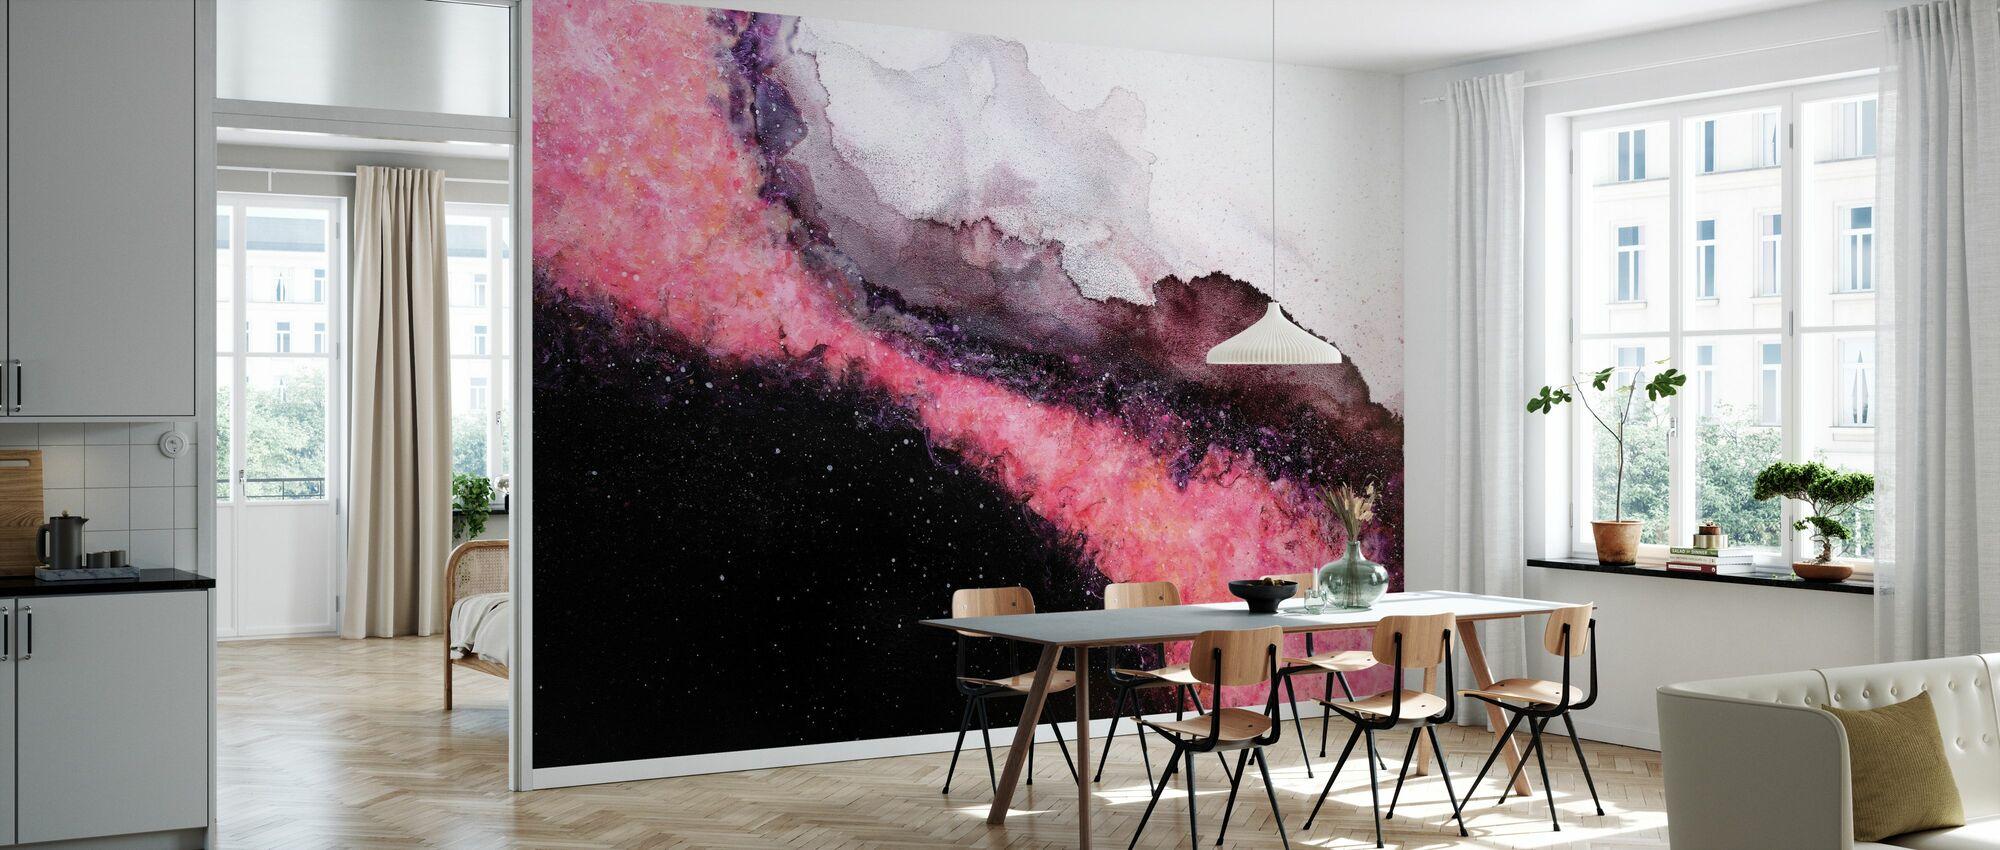 Spellbound - Wallpaper - Kitchen